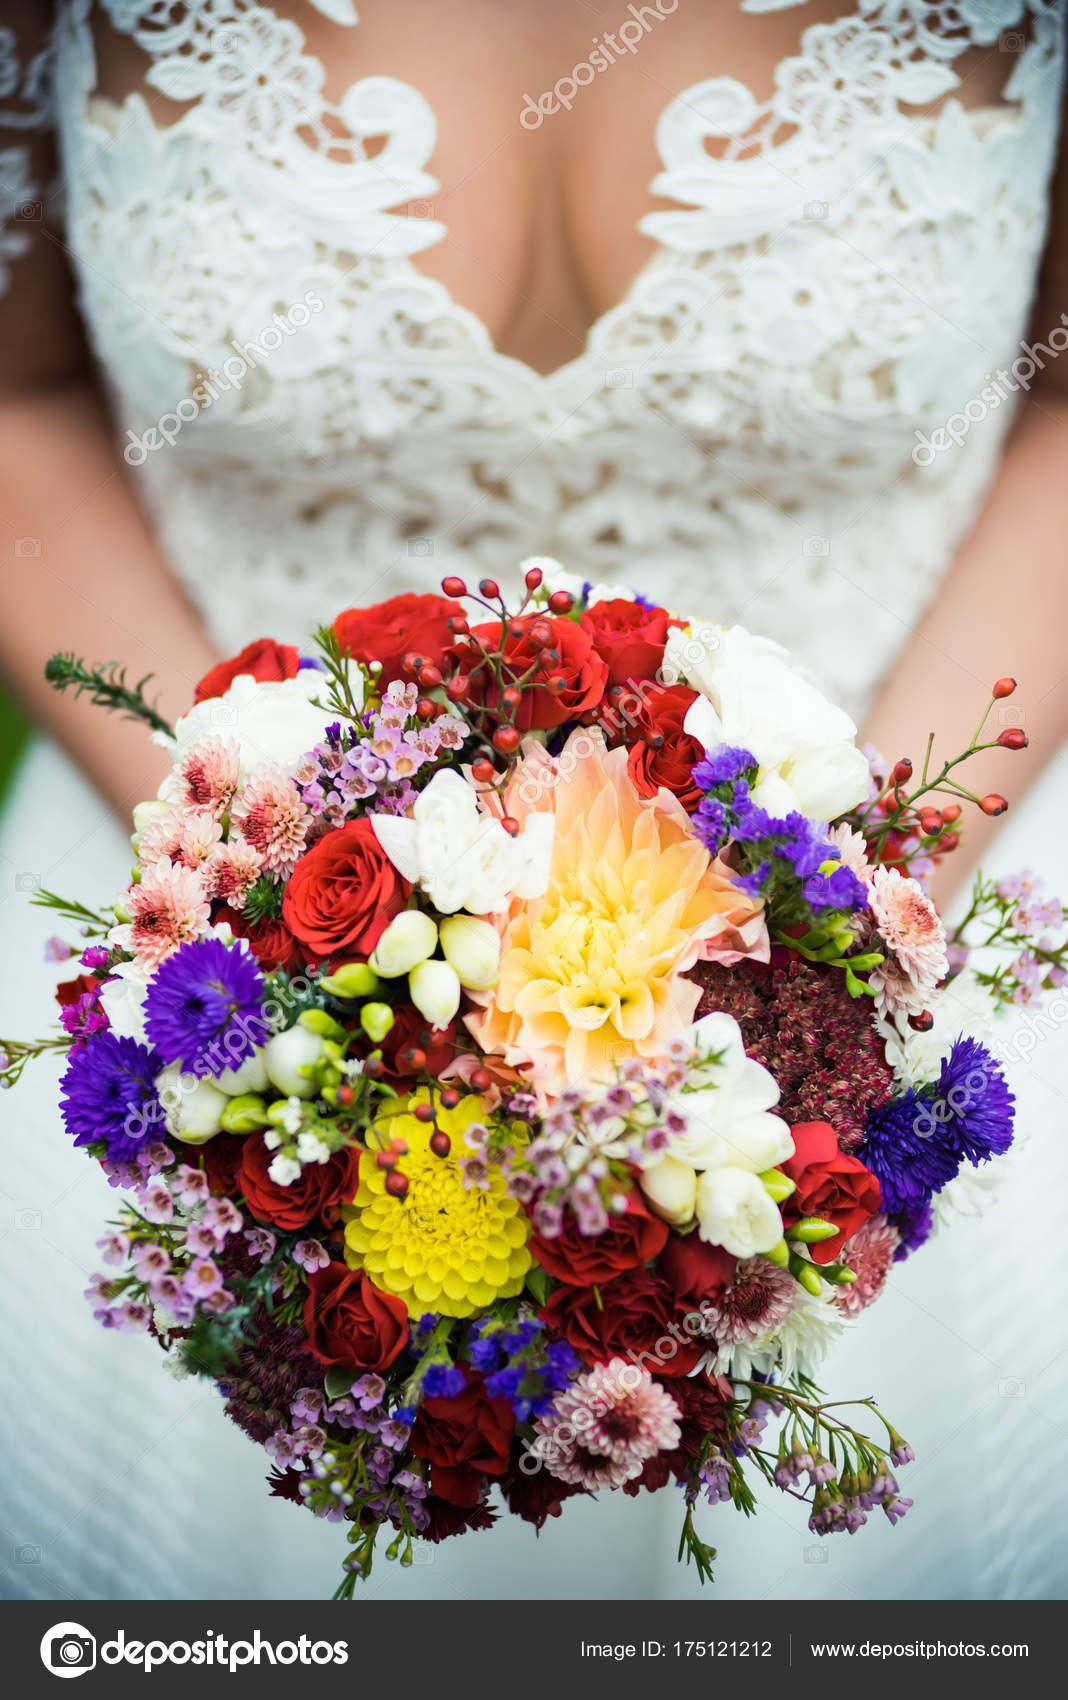 Schone Braut Mit Hochzeitsstrauss Stockfoto C Alipko 175121212